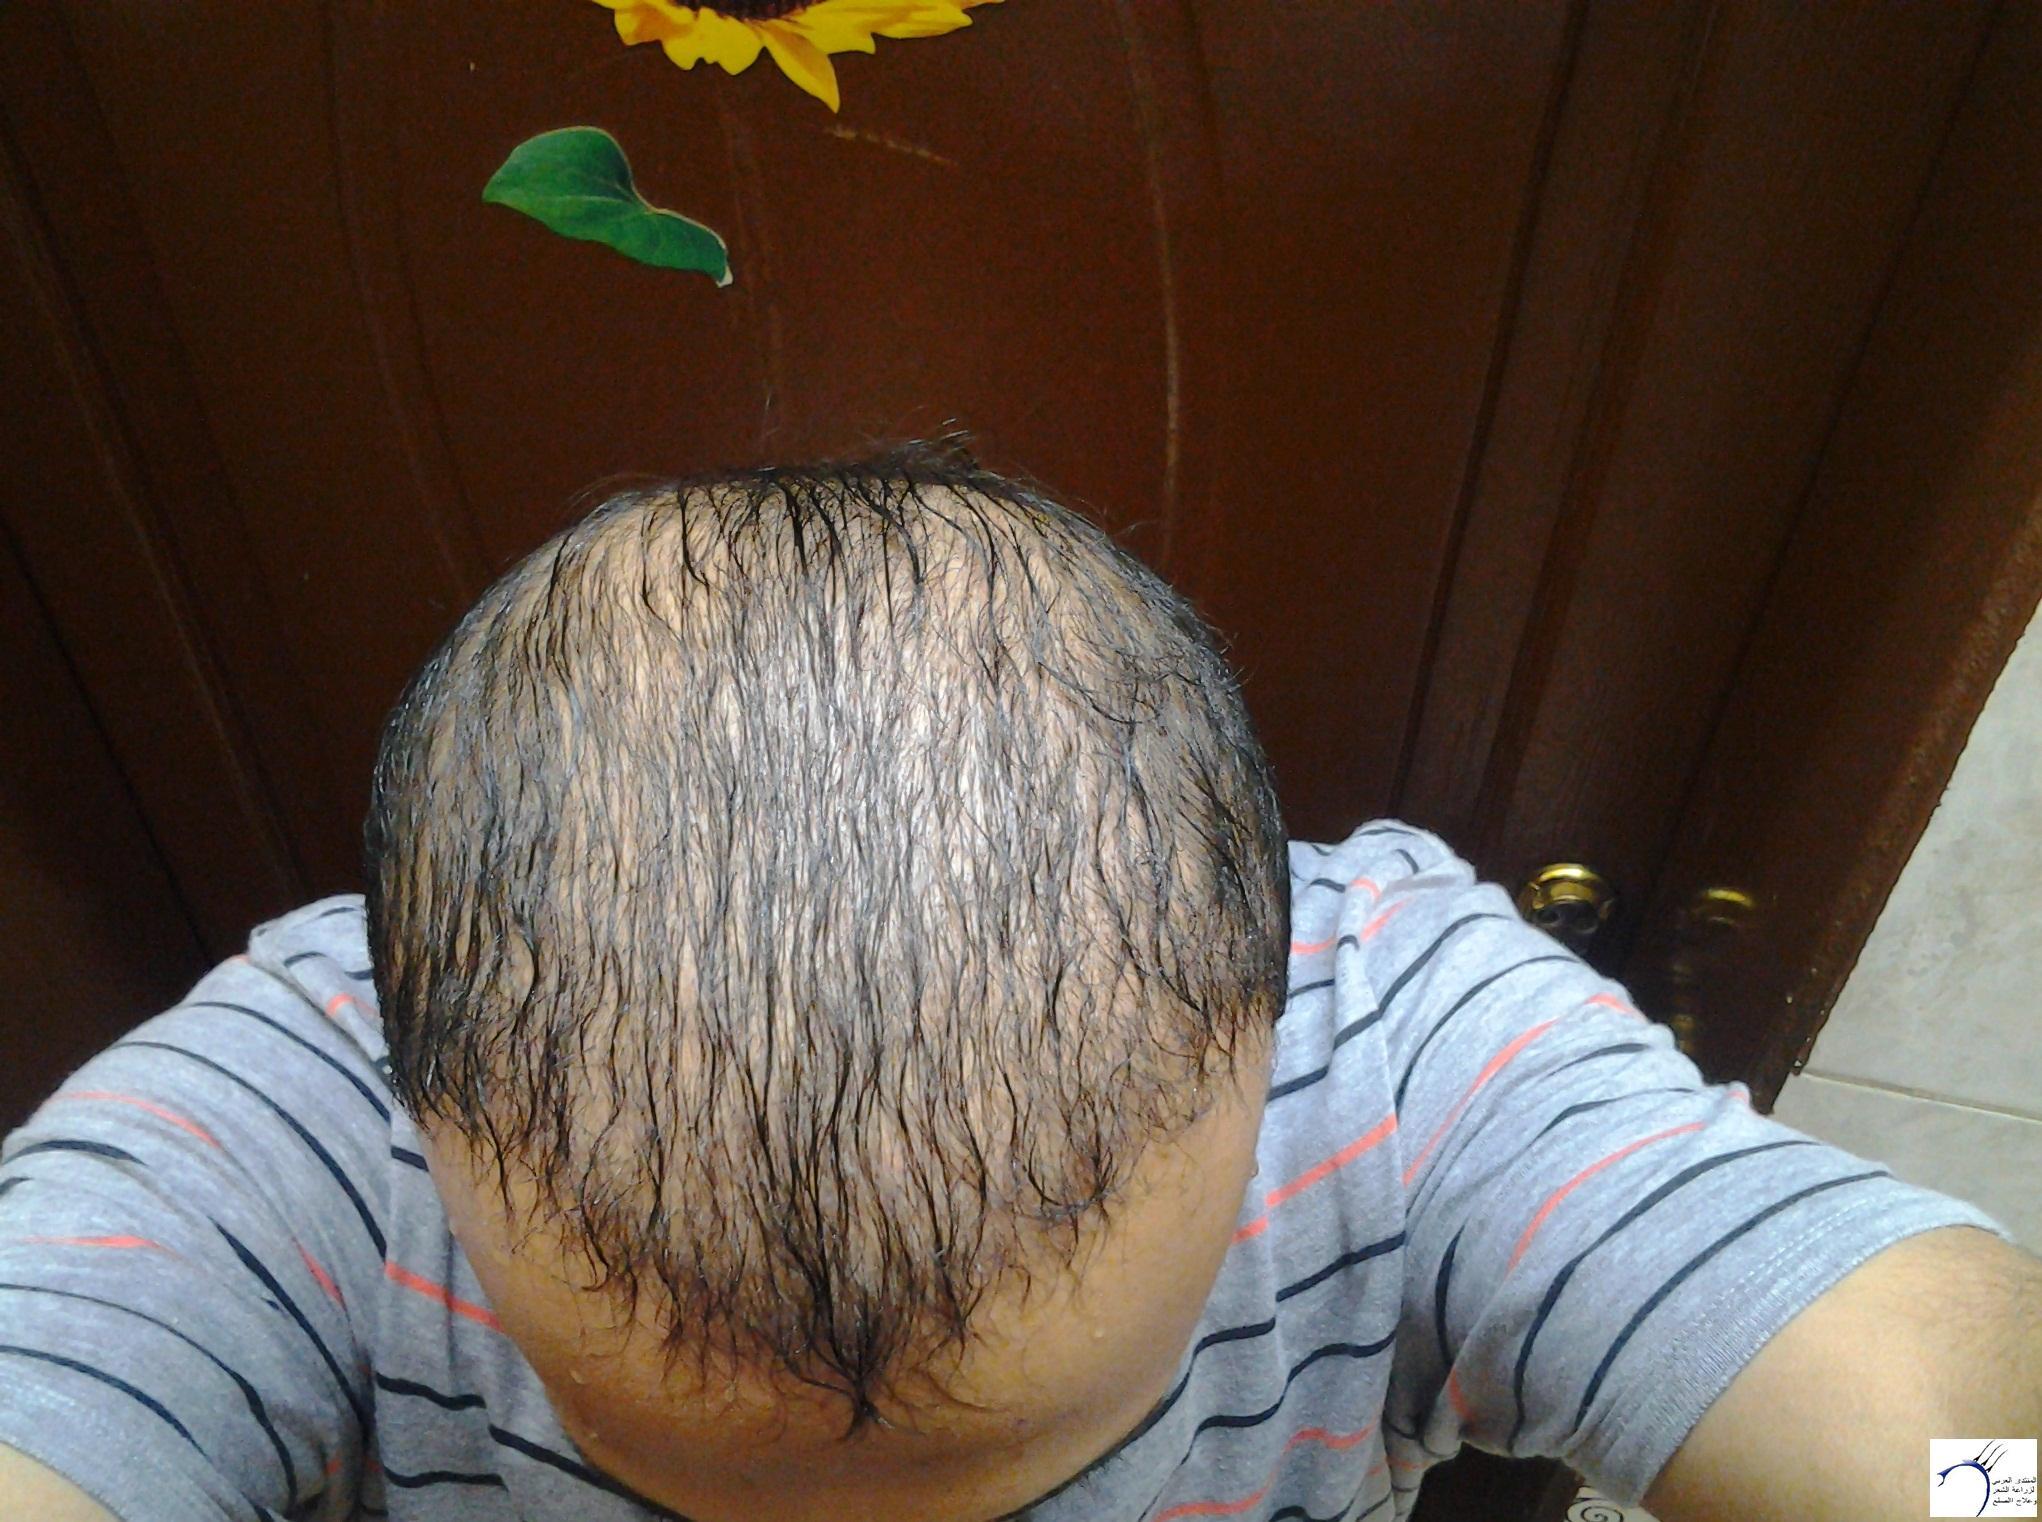 الدكتور (تحديث السابع) www.hairarab.com12b3